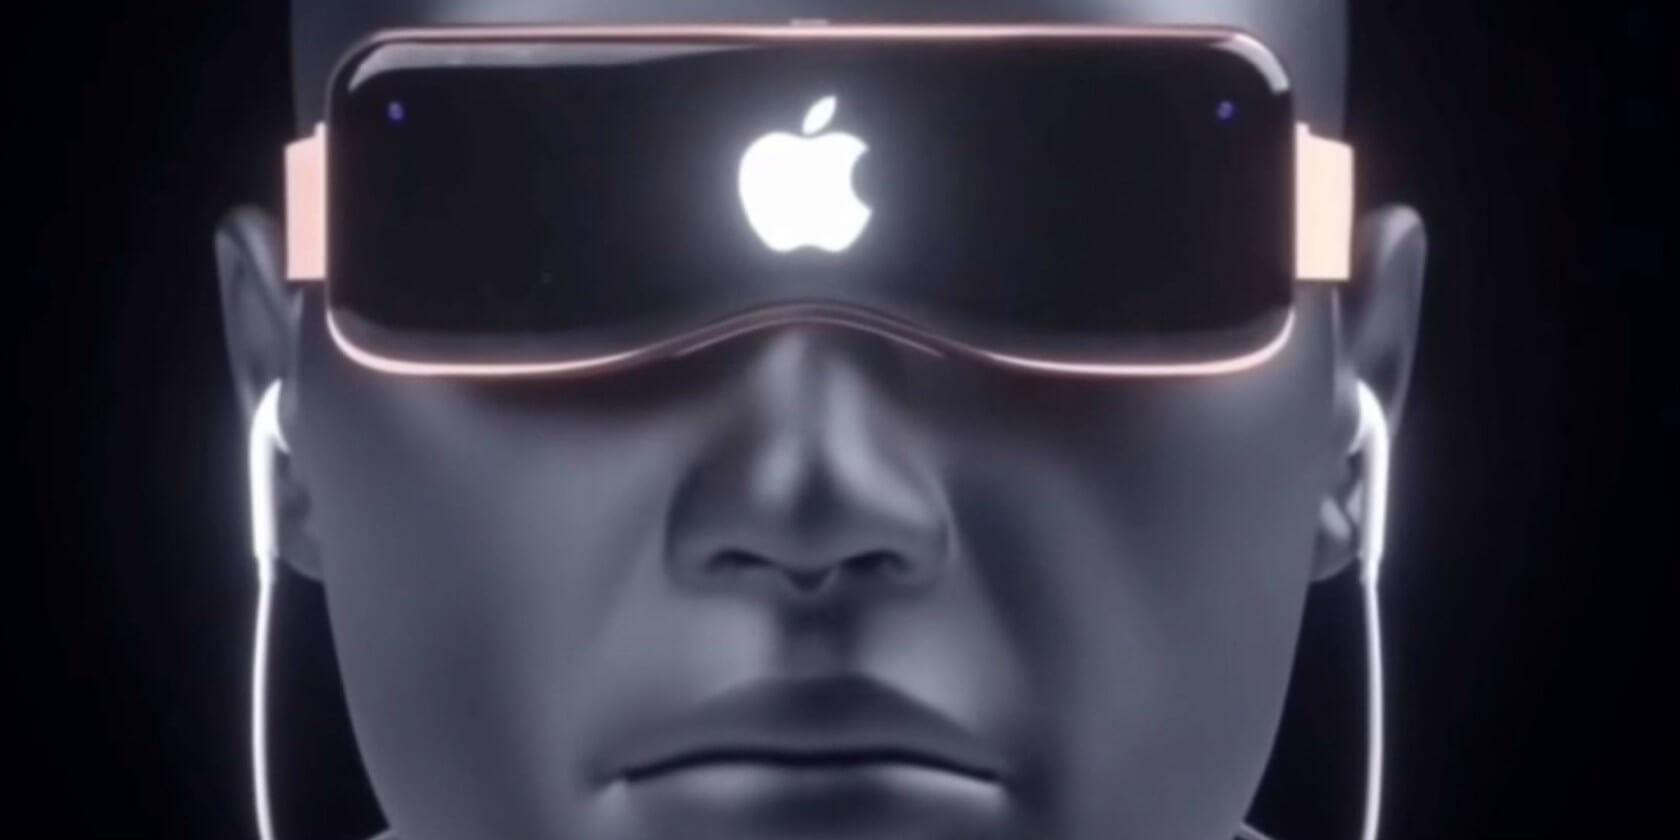 article précédent Apple : le nouveau casque VR affiche un prix totalement exorbitant - Hitek.fr